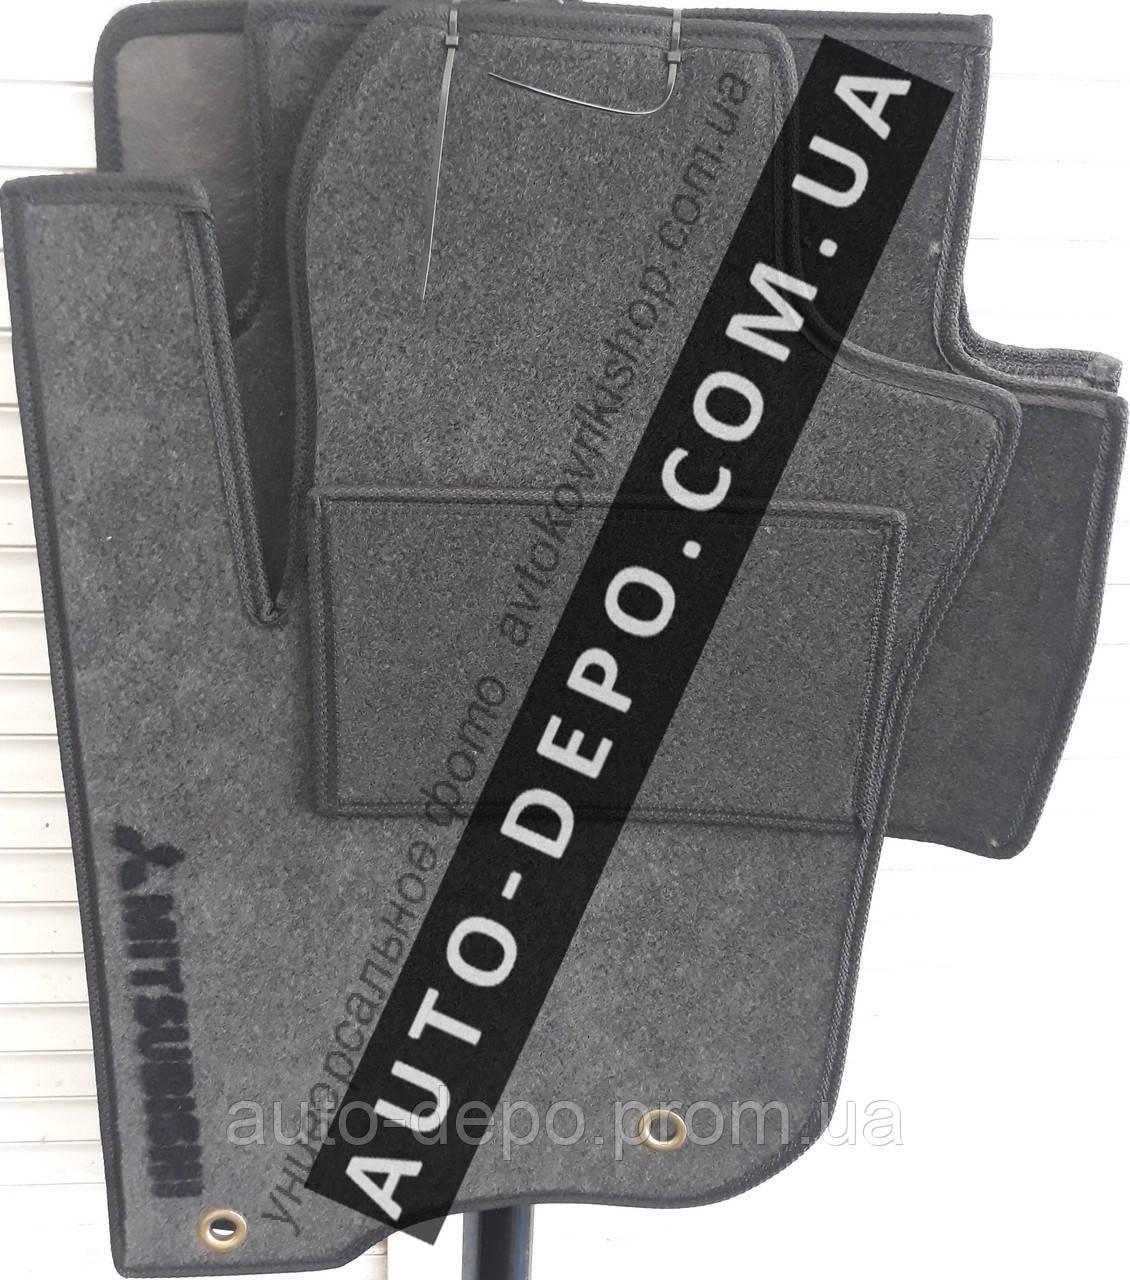 Ворсовые коврики Mitsubishi Outlander 2003- АКП VIP ЛЮКС АВТО-ВОРС